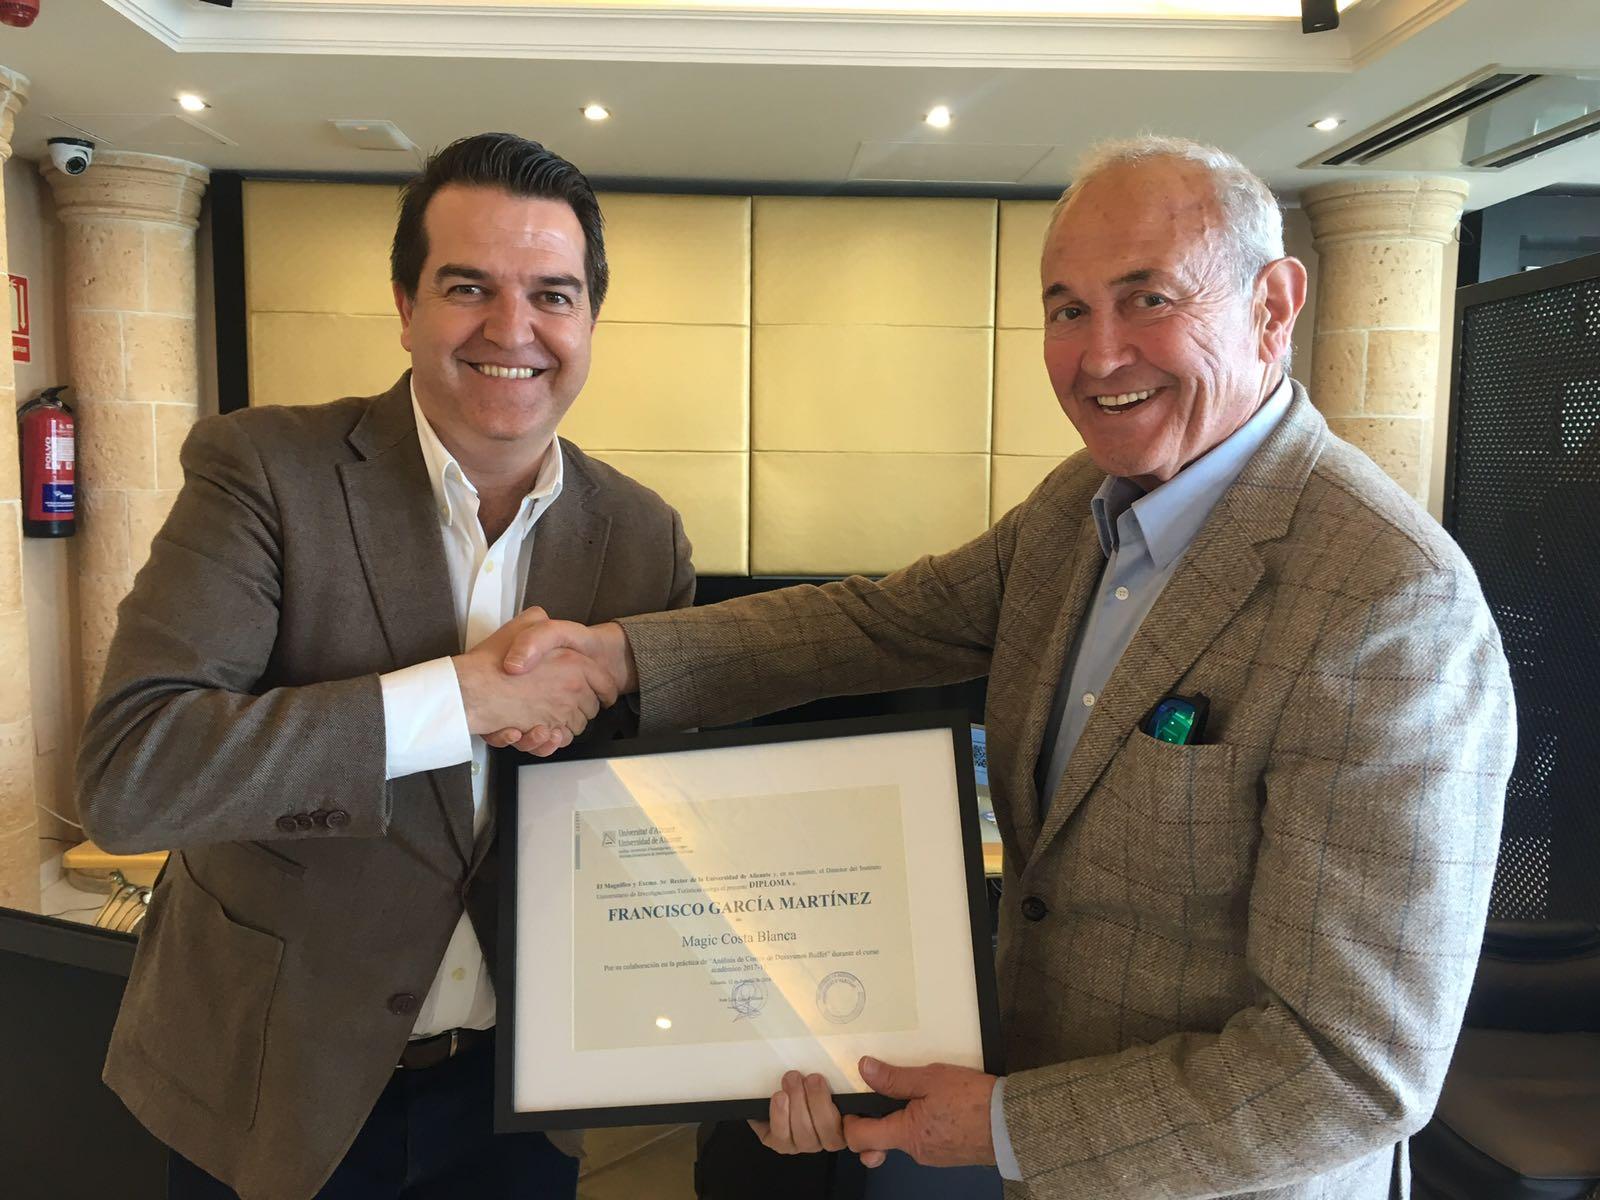 Francisco García recibe un reconocimiento de manos de Javier Jiménez, director del Master de Dirección de Hoteles de la UA